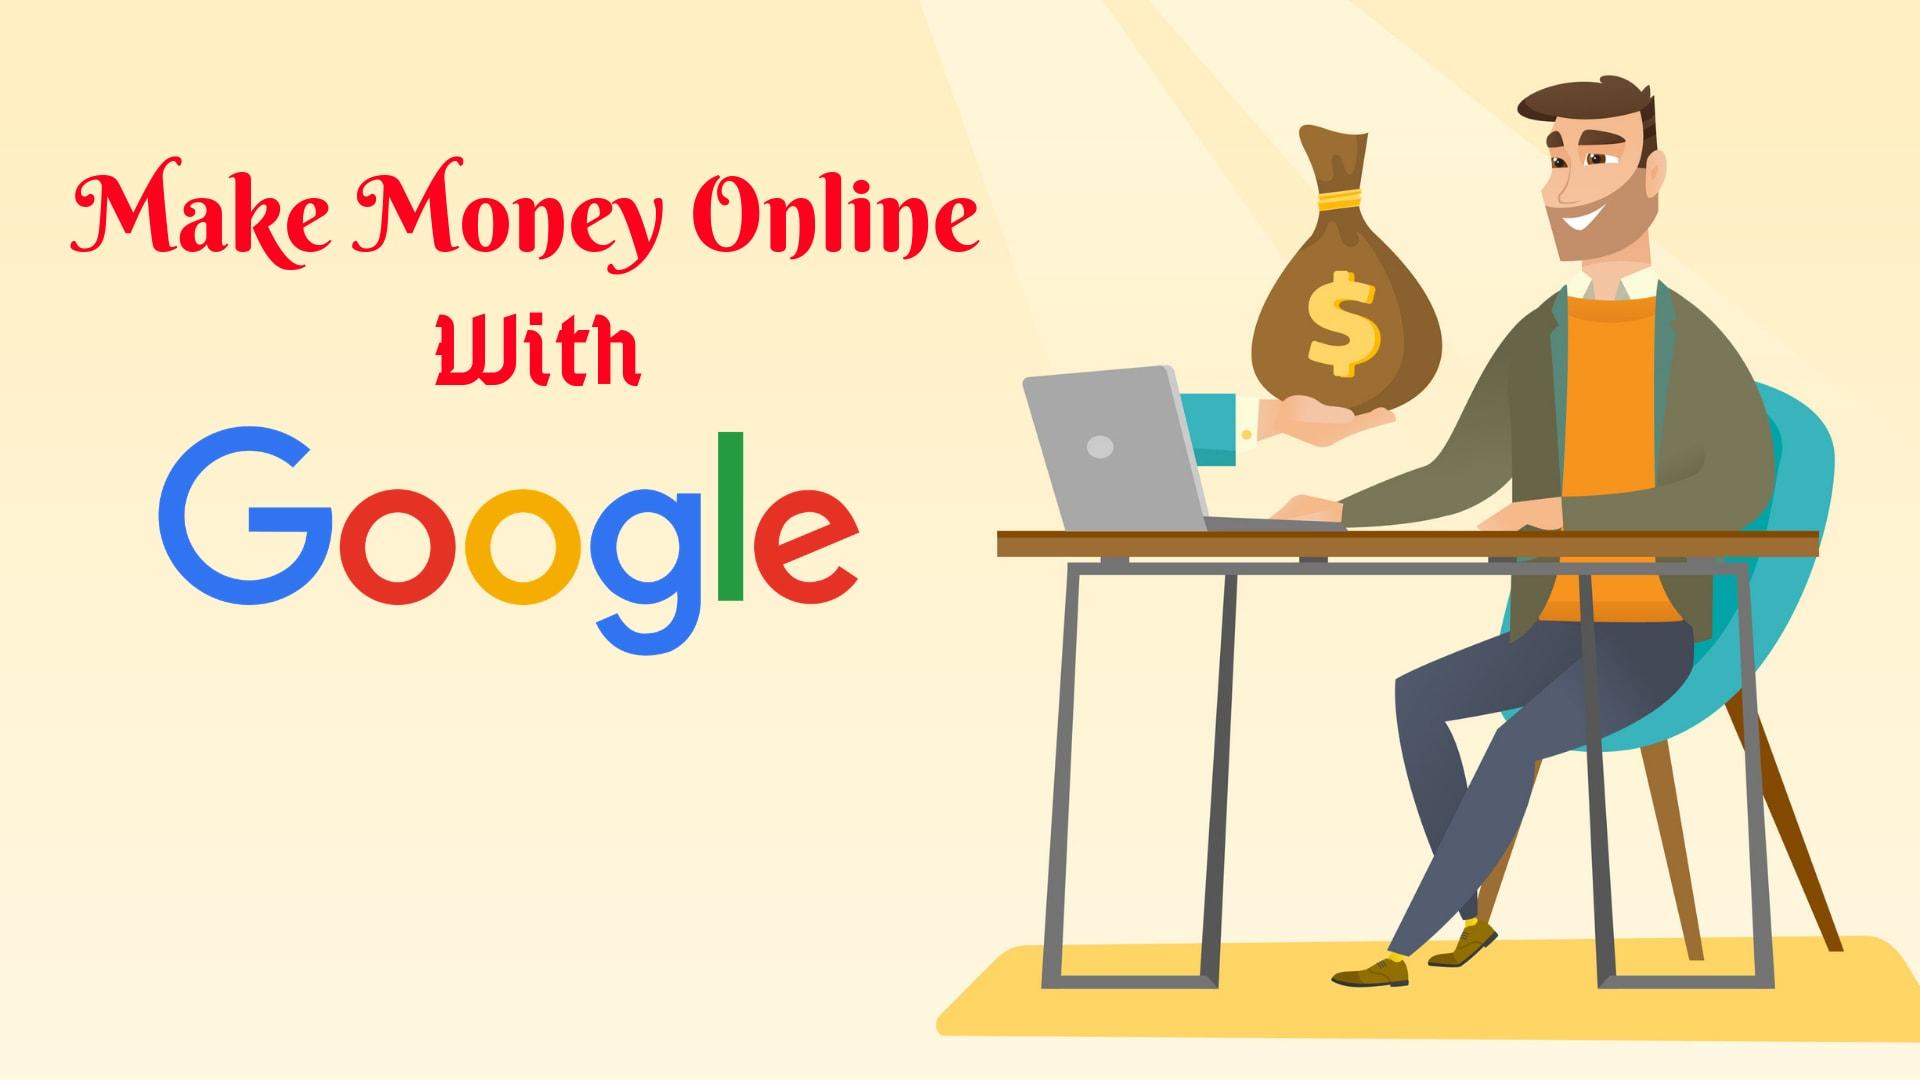 10 Legit Ways to Make Money Online With Google